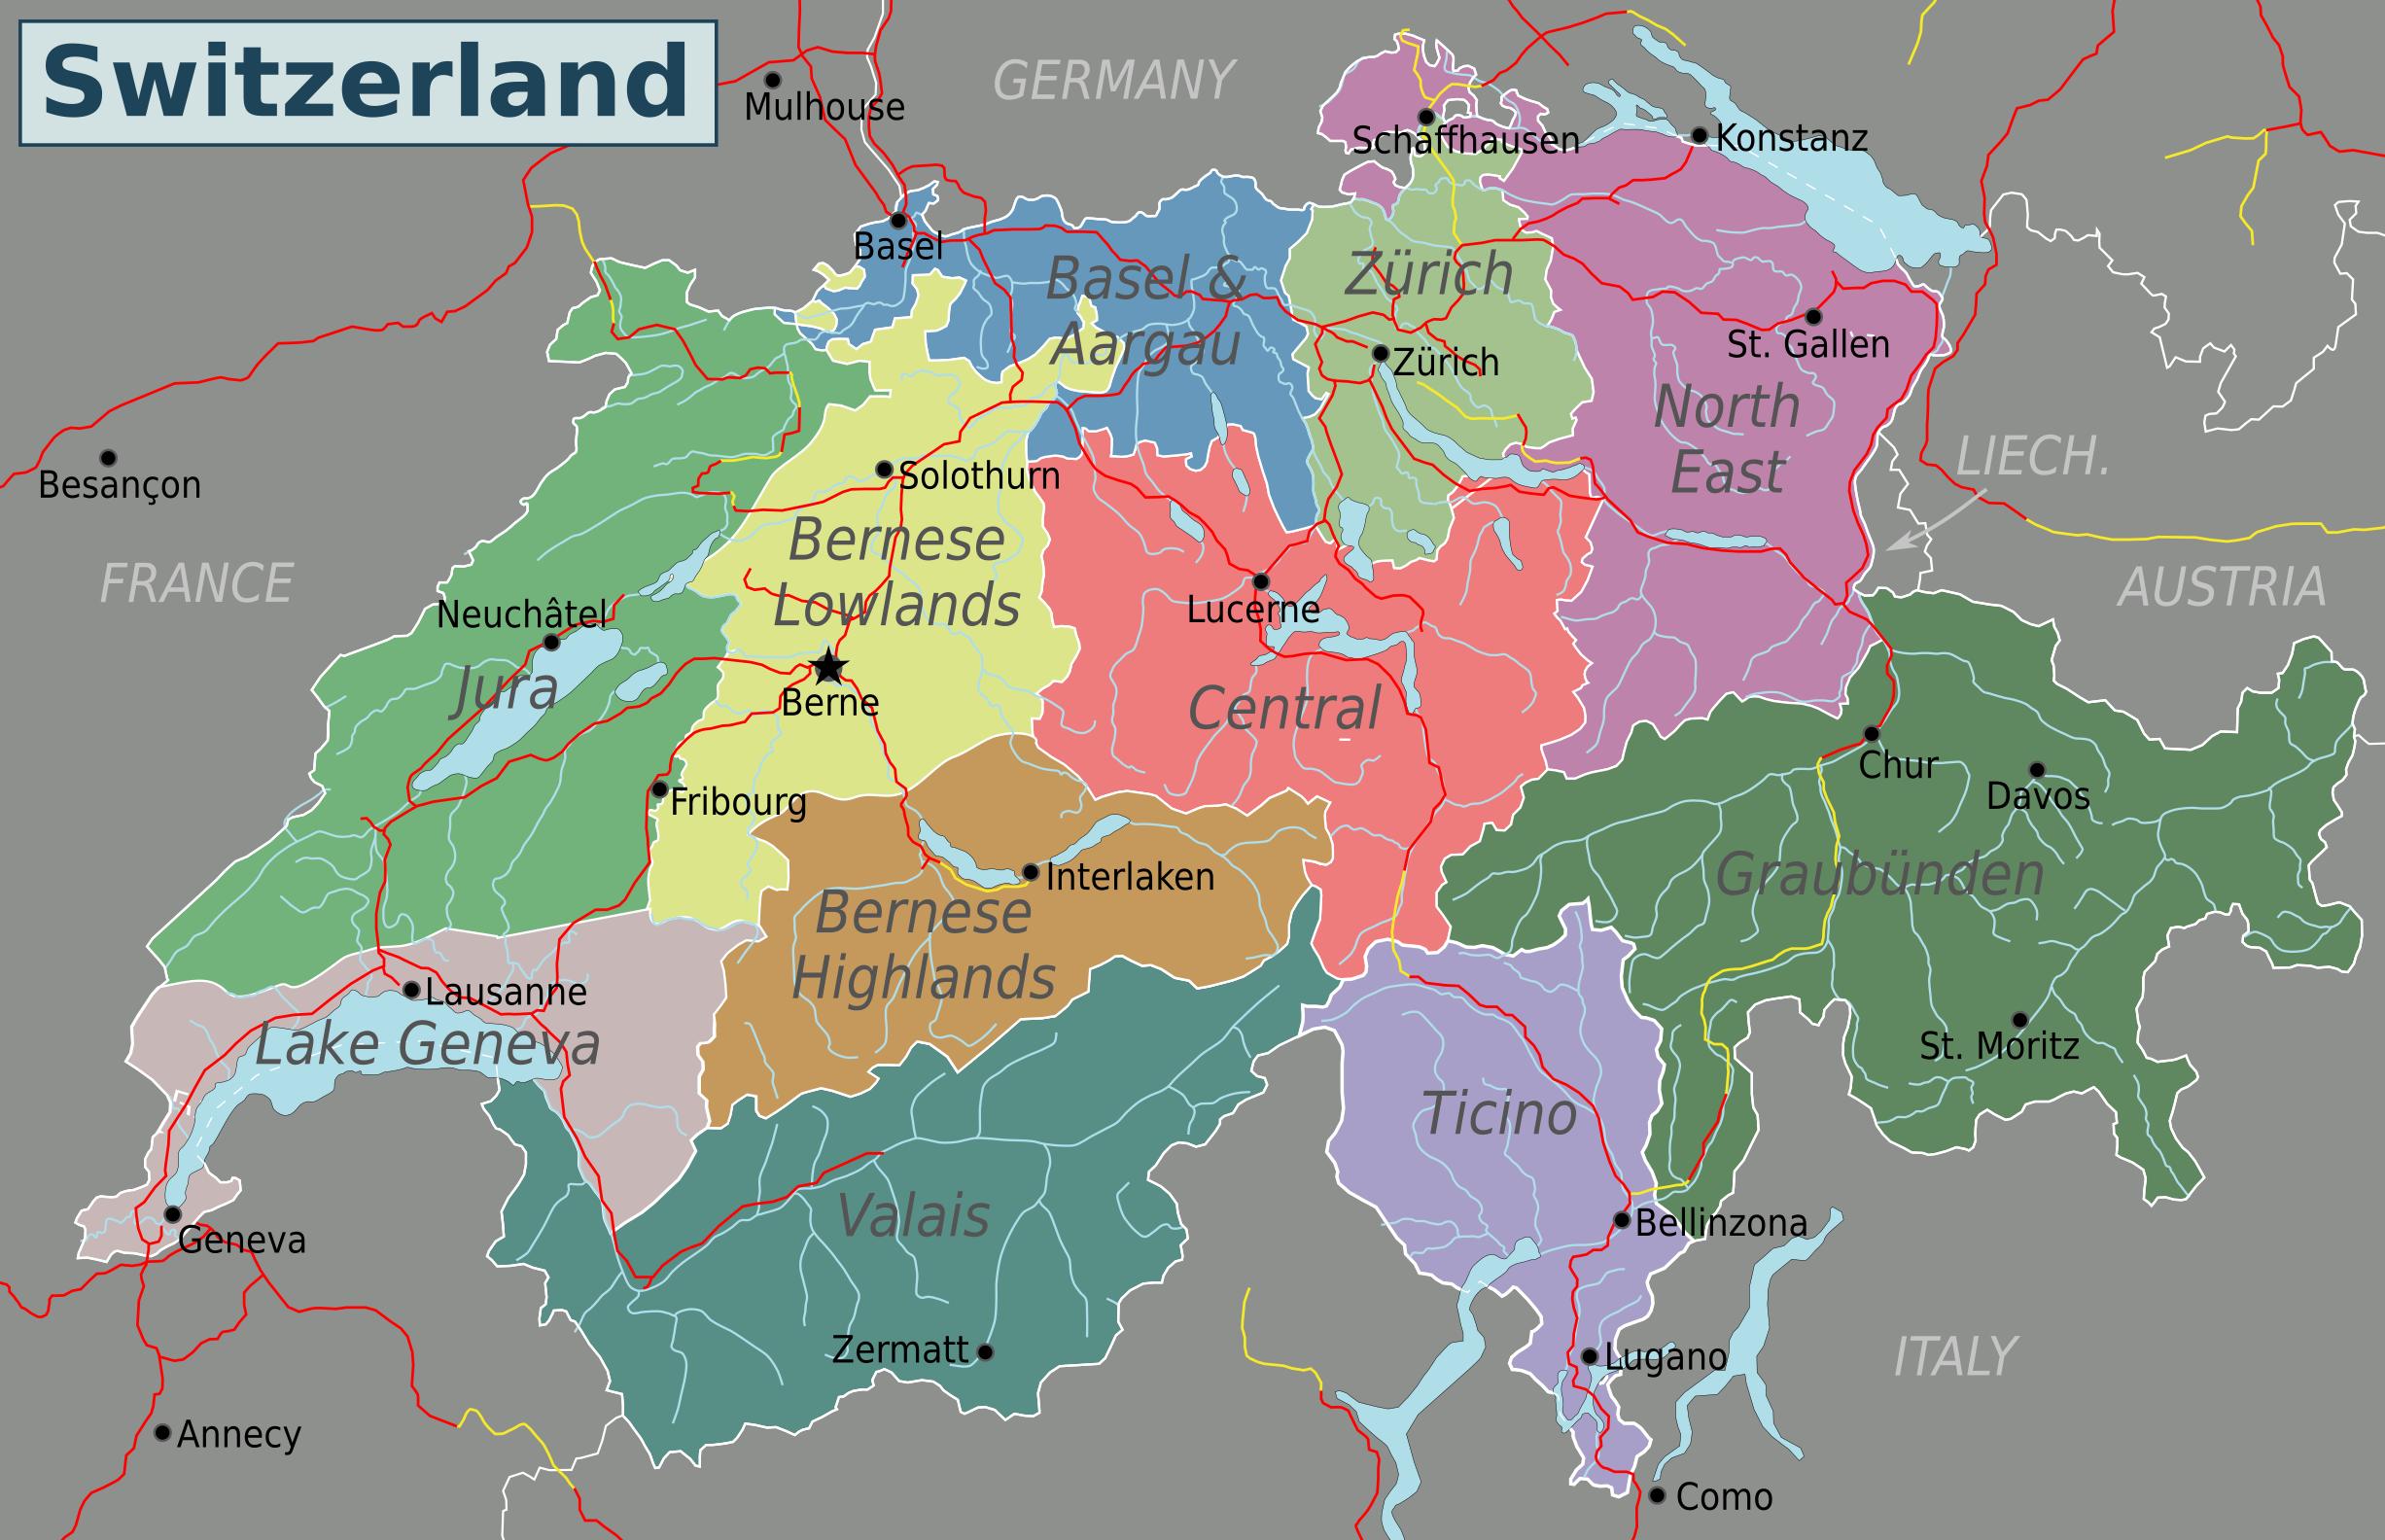 FileSwitzerlandmappng Wikimedia Commons - Switzerland map